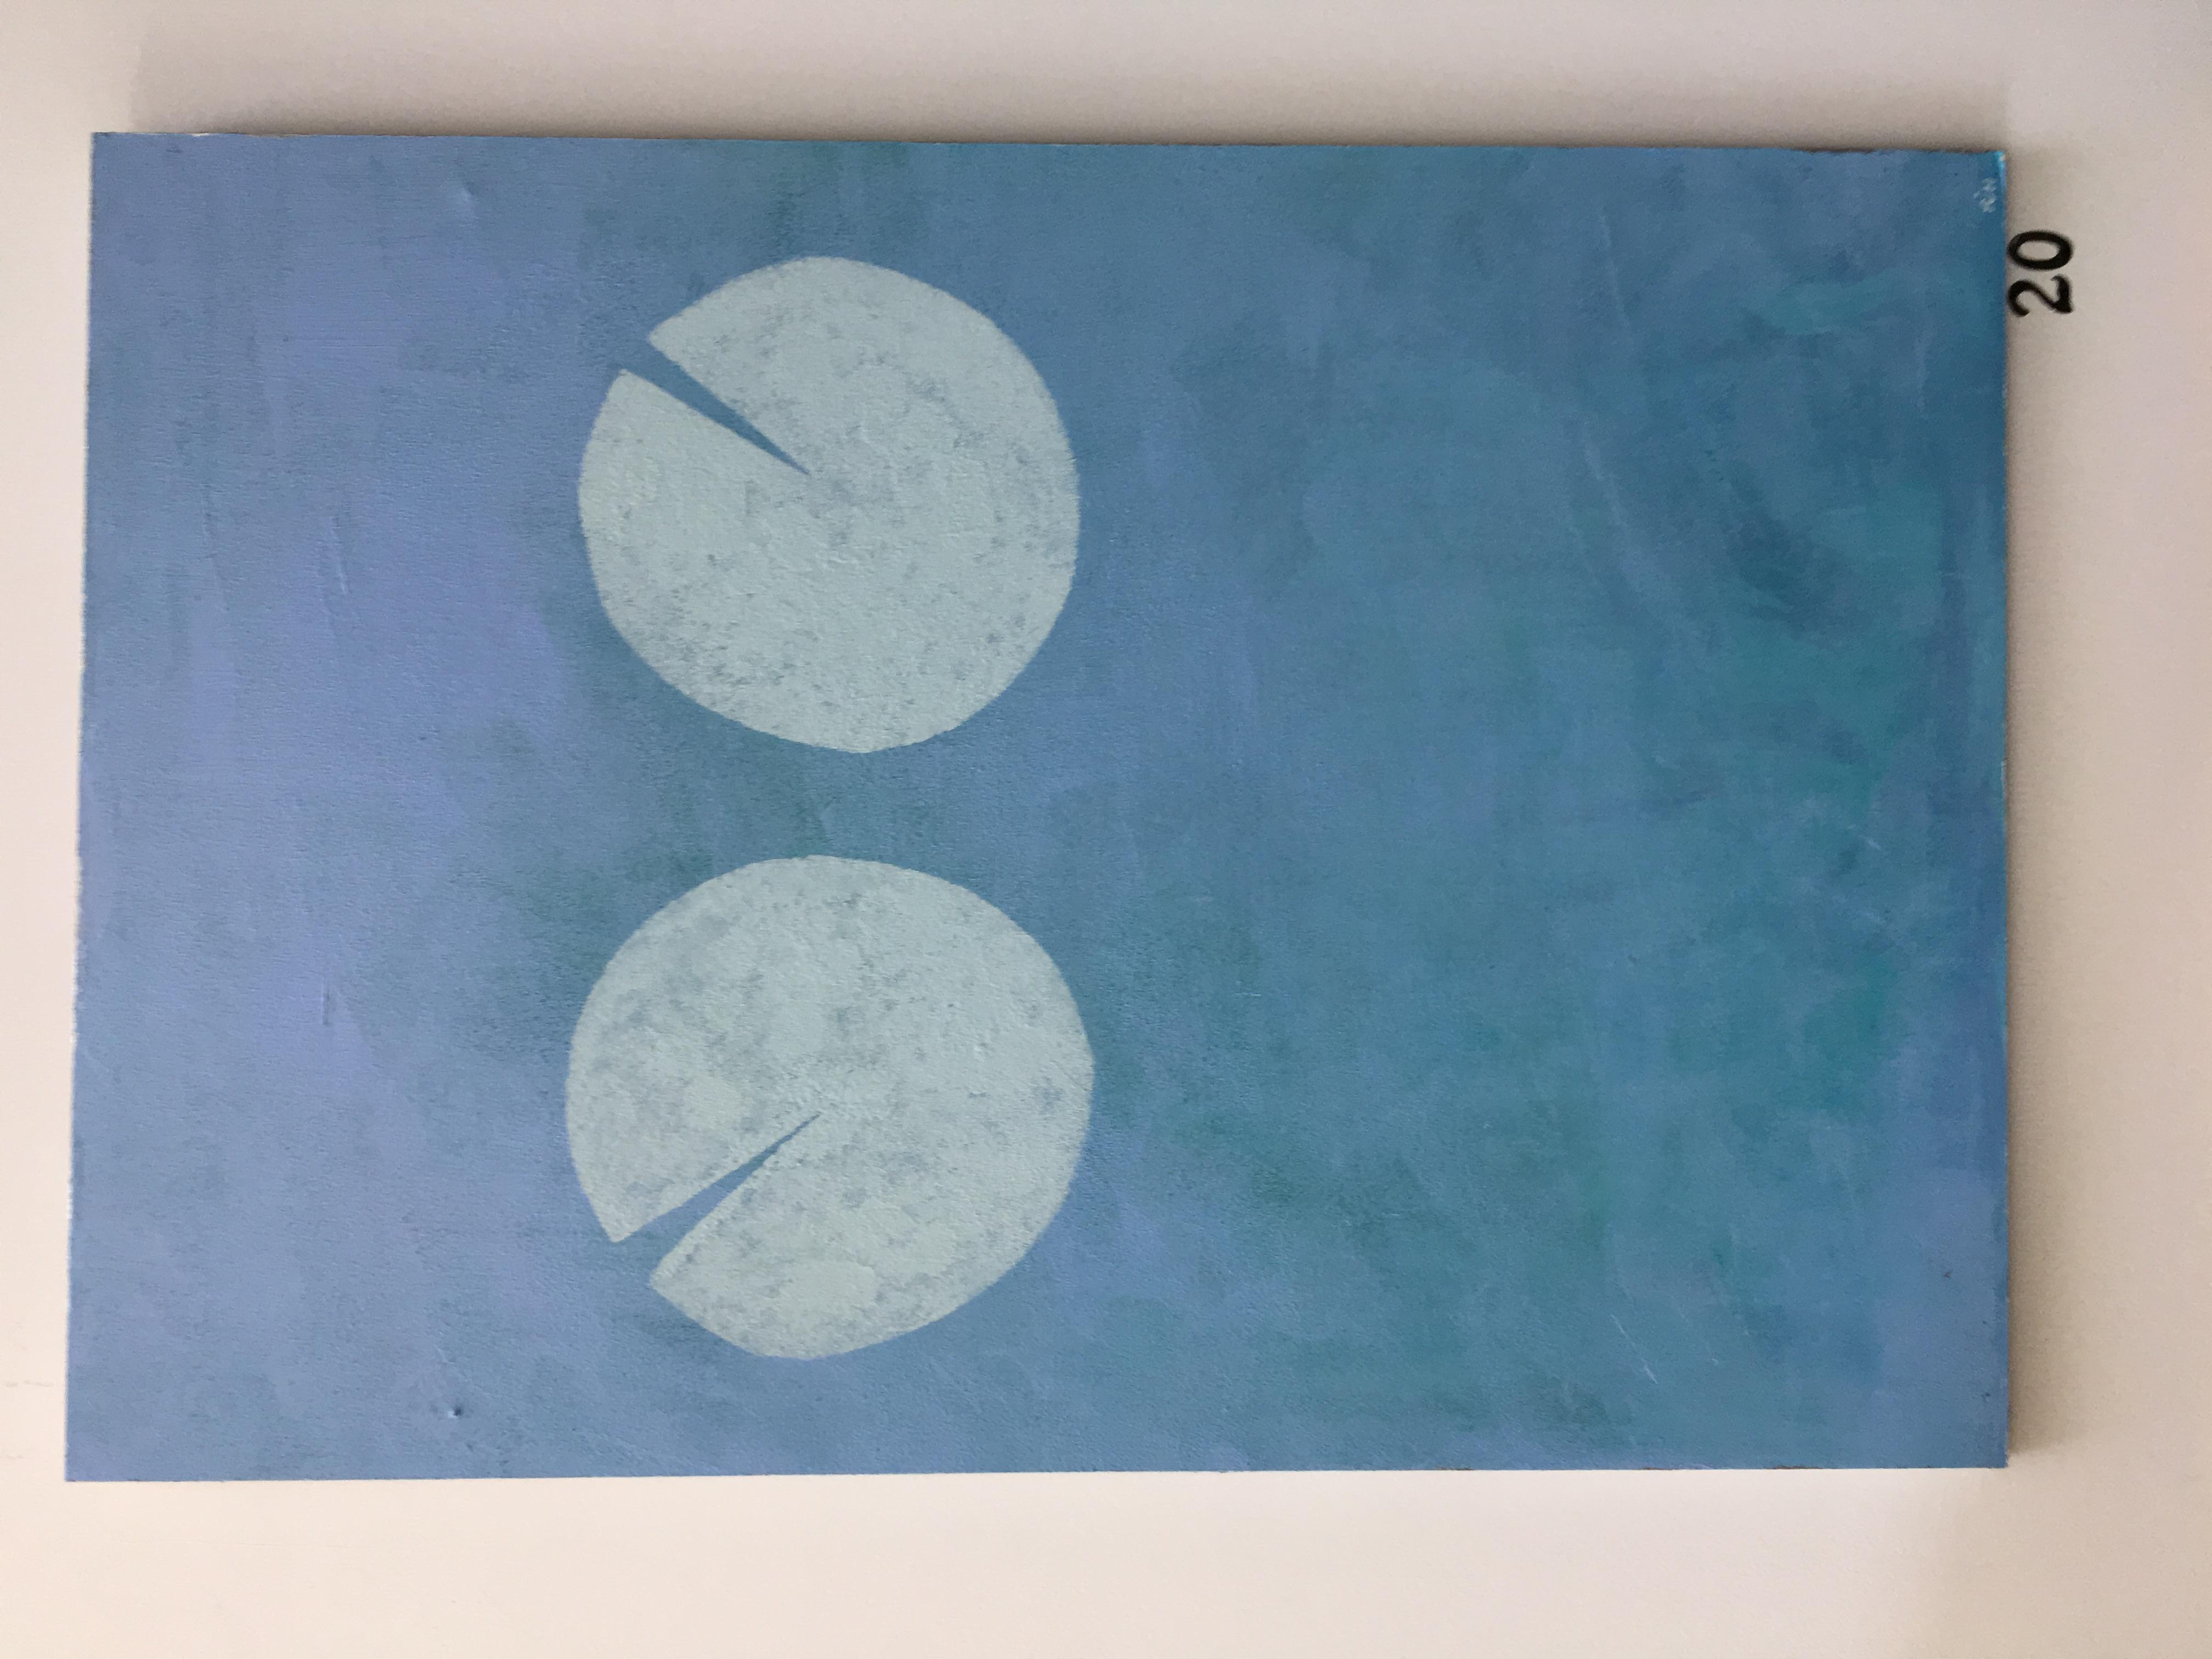 20. Version 1, Peta Hillier, 37 x 53 x 1cm, £95